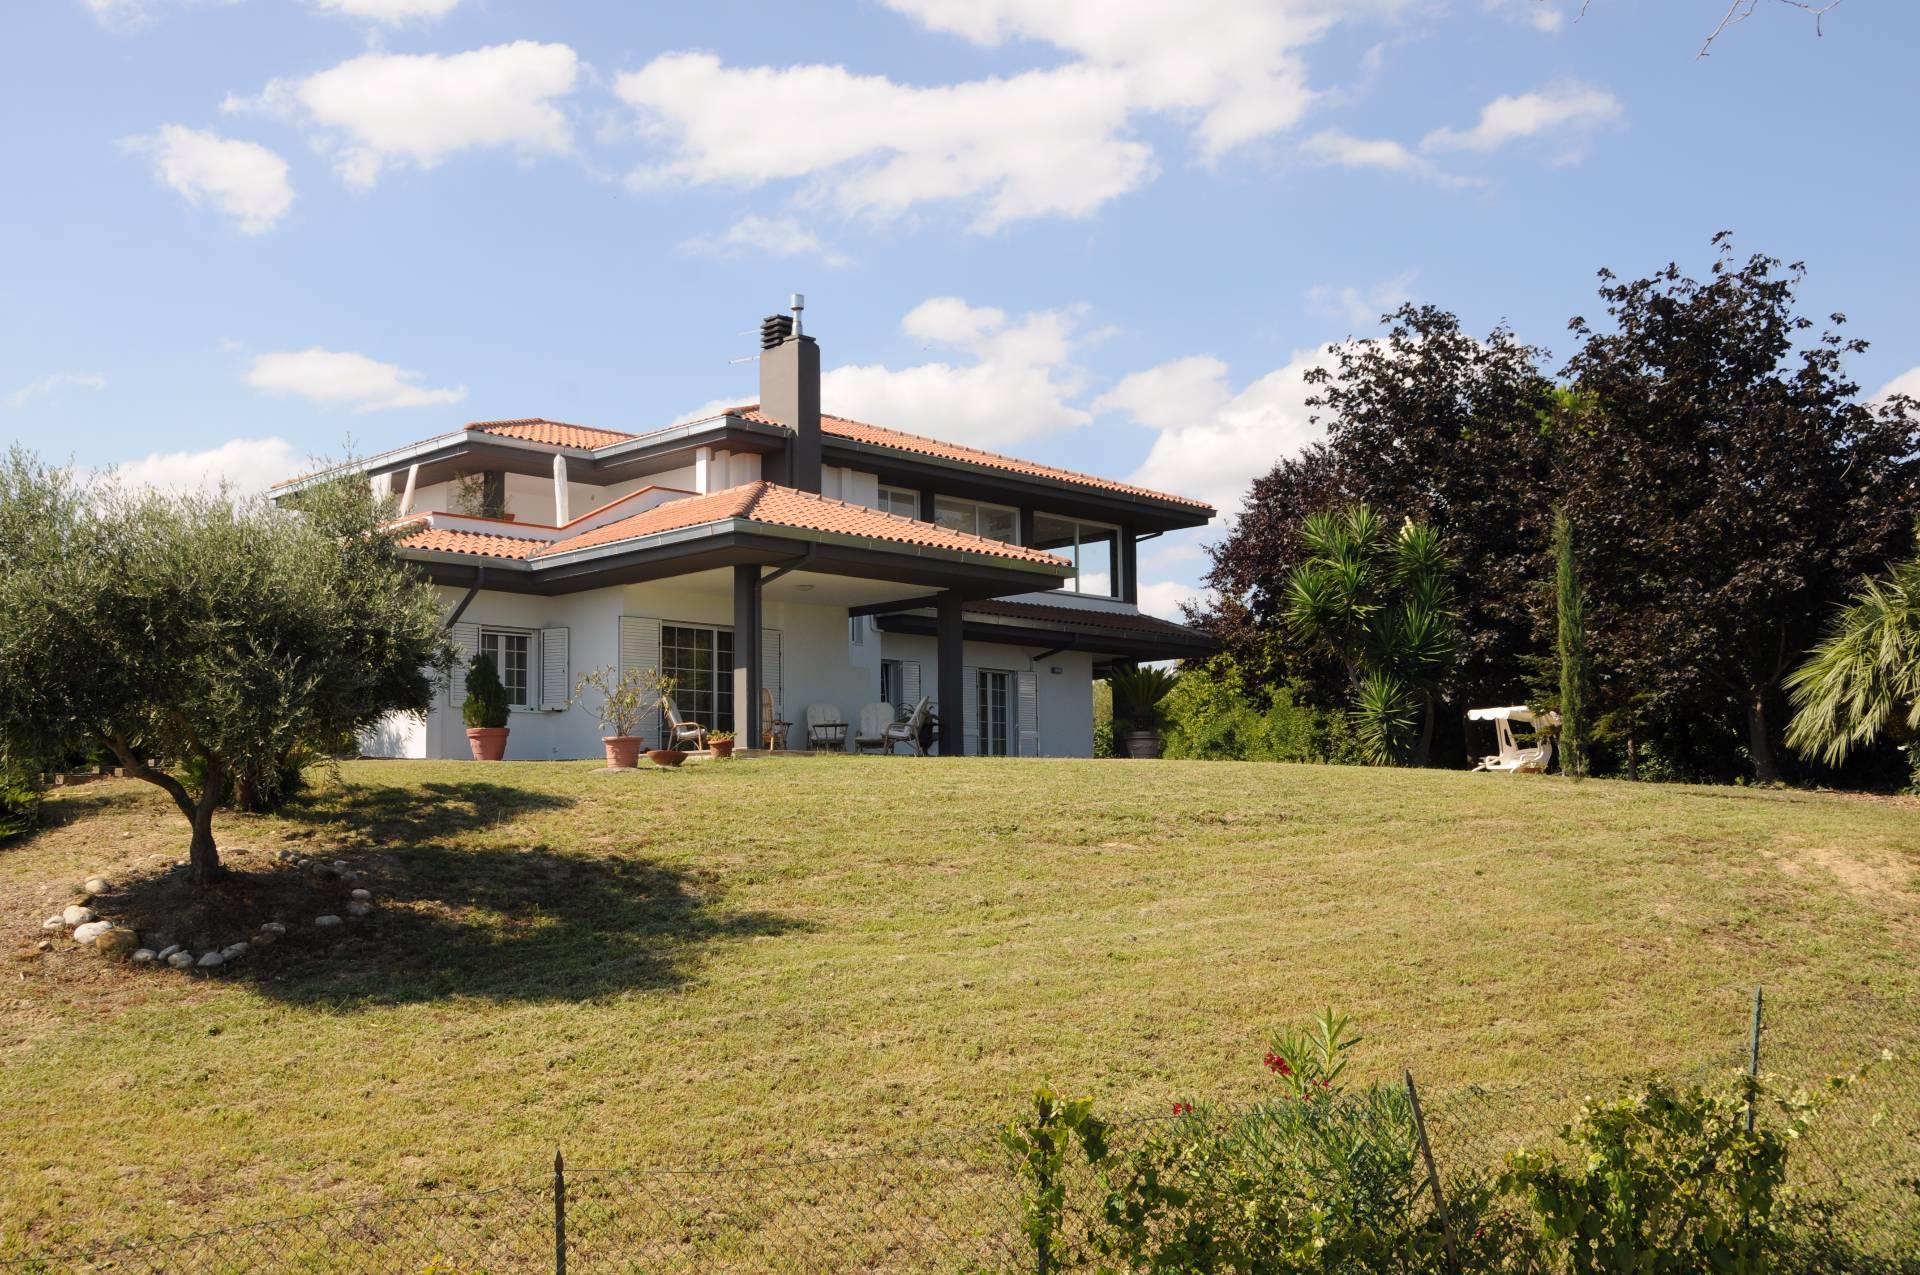 Villa in vendita a Roseto degli Abruzzi, 9 locali, prezzo € 900.000 | CambioCasa.it